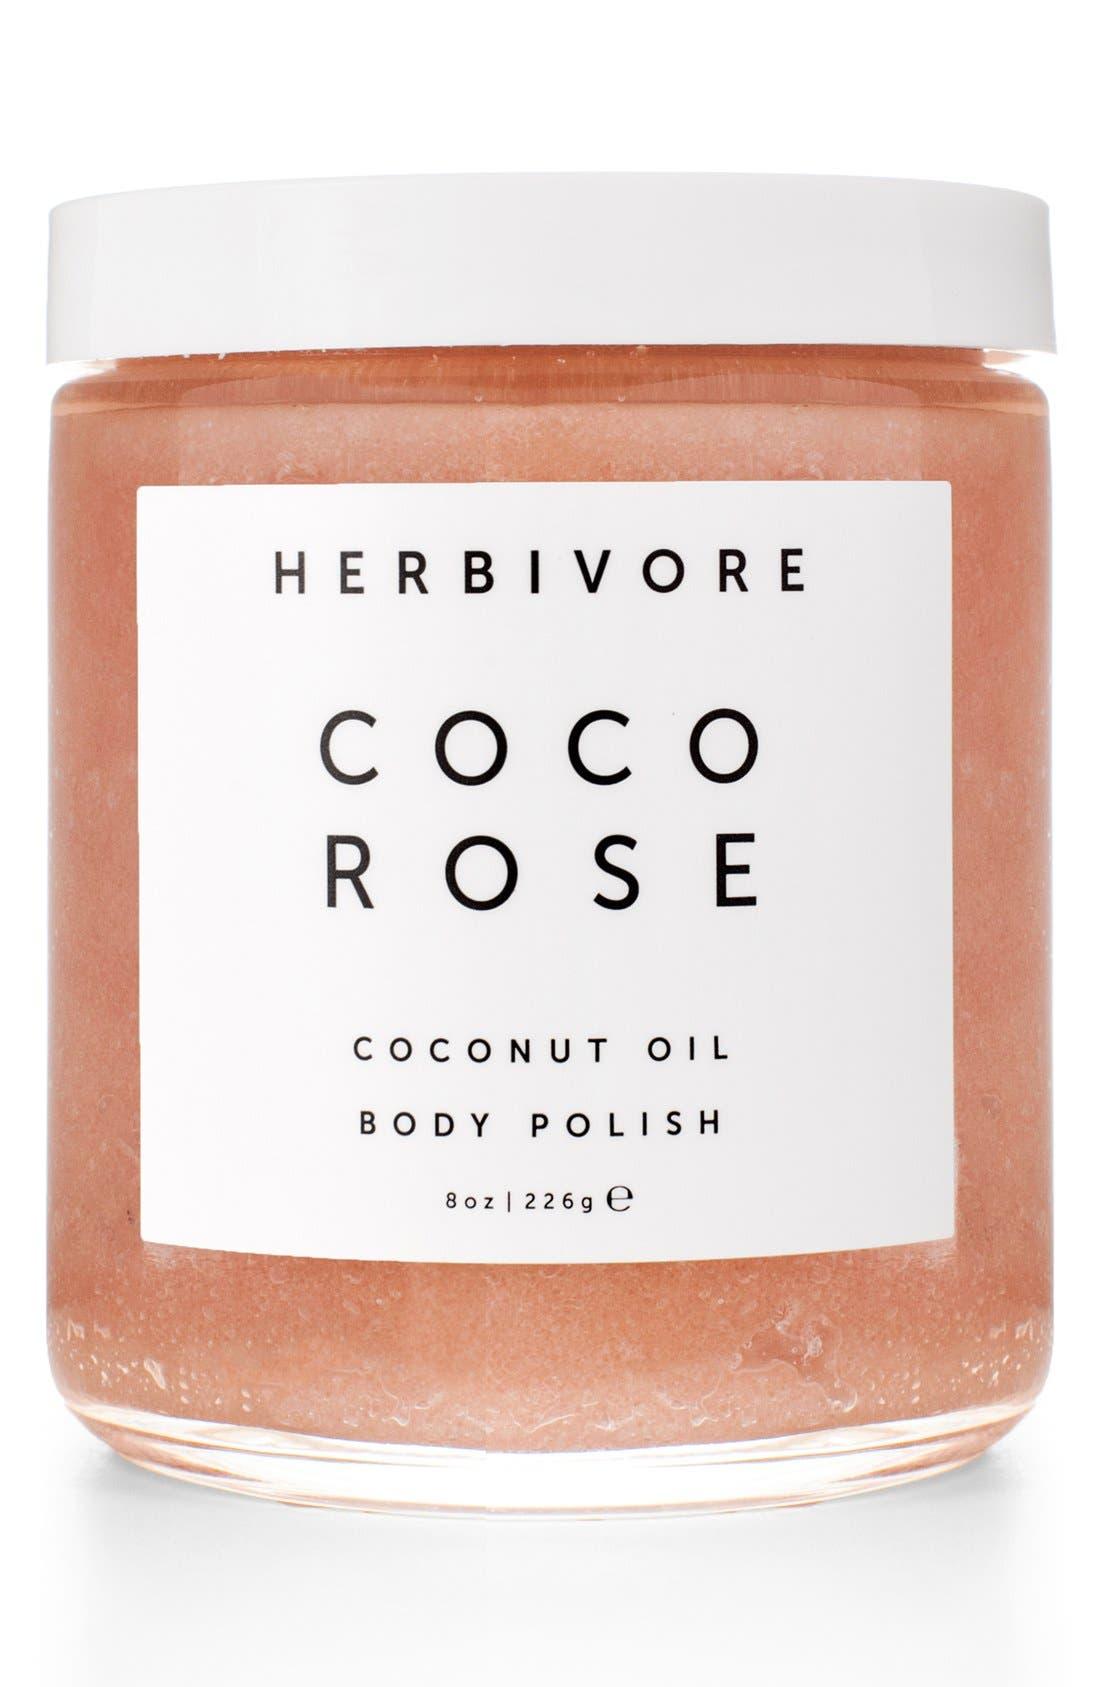 Coco Rose Coconut Oil Body Polish,                             Main thumbnail 1, color,                             NONE